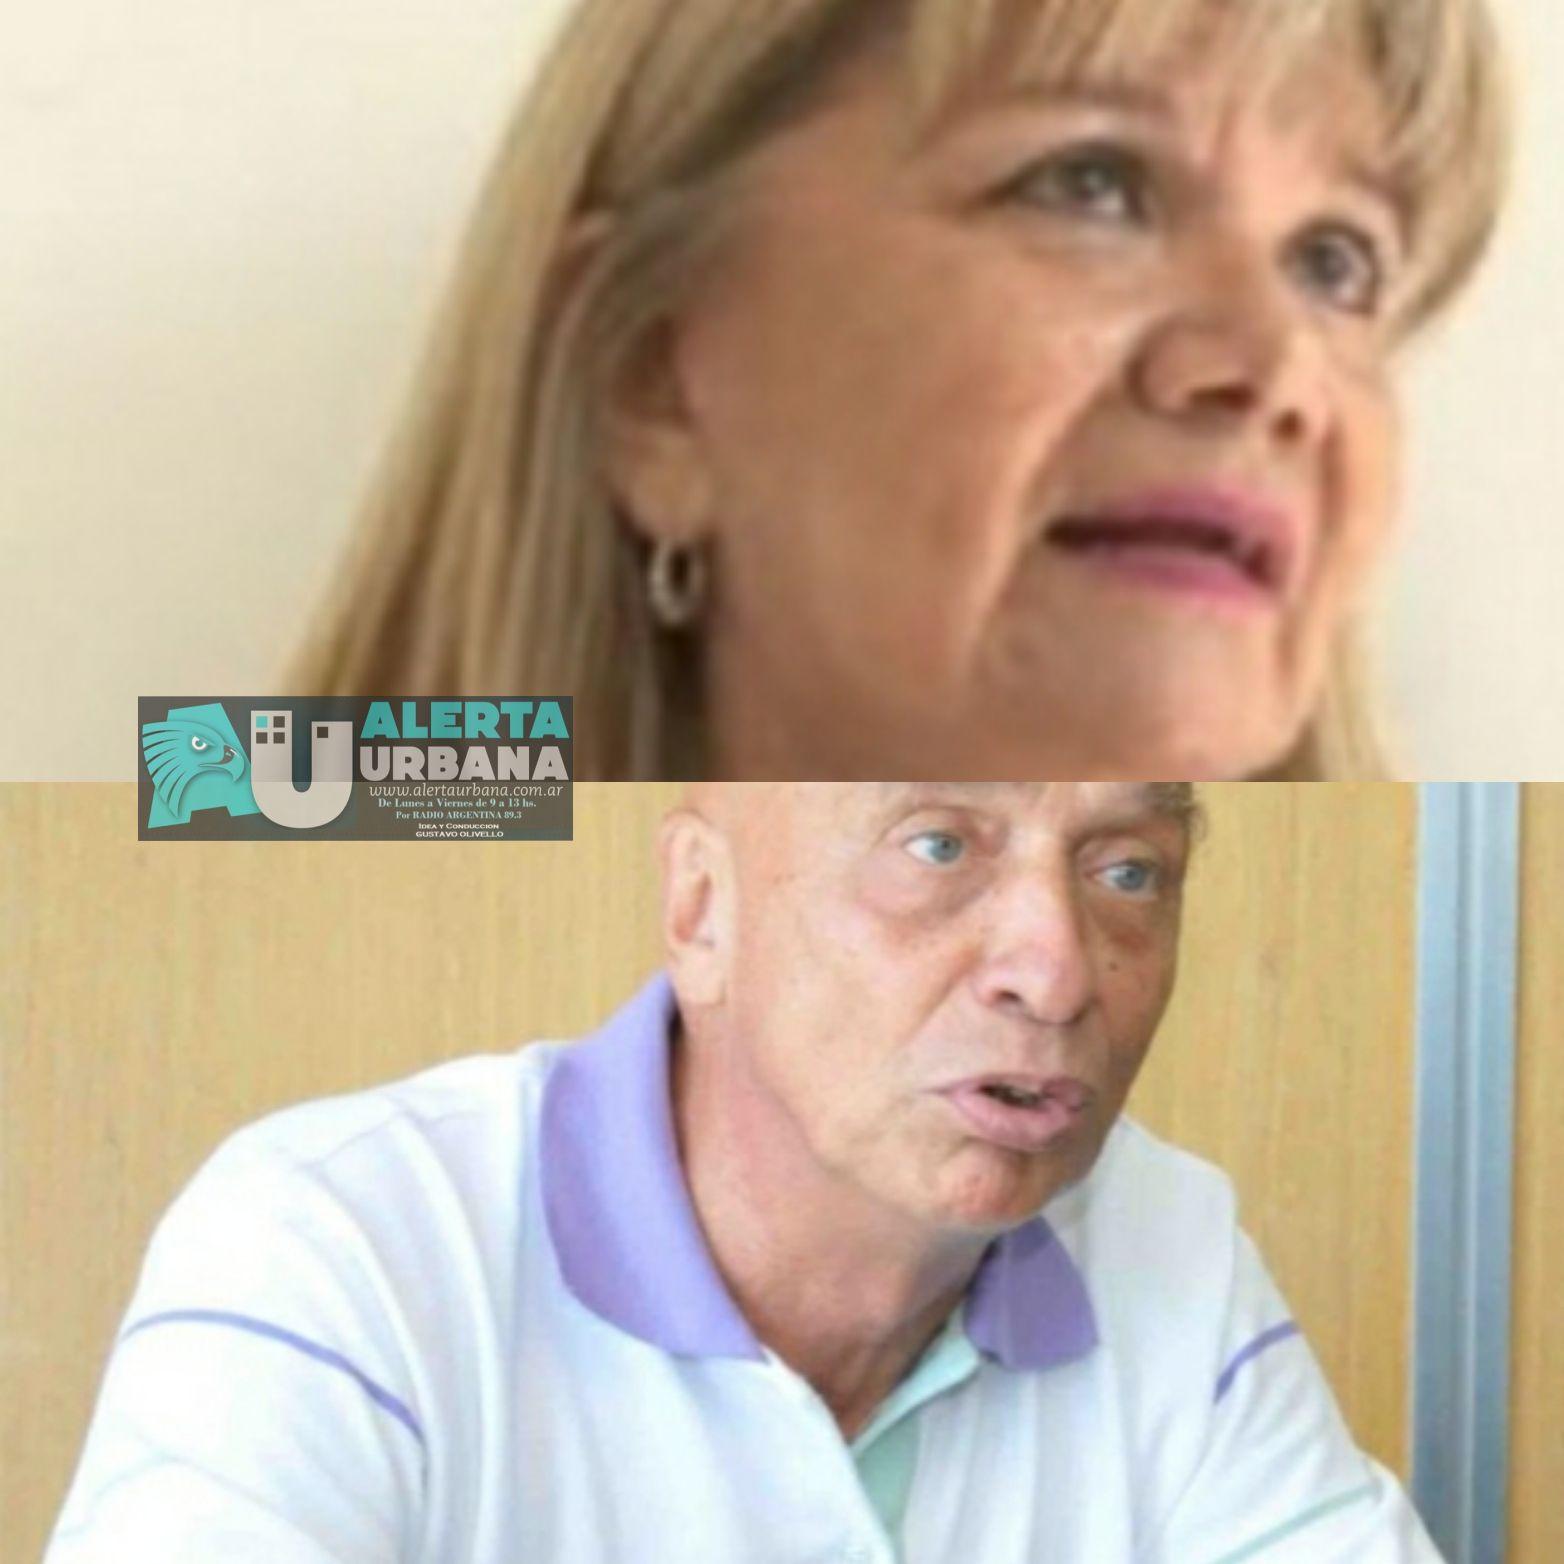 Dos pacientes con COVID-19 pidieron el alta voluntaria